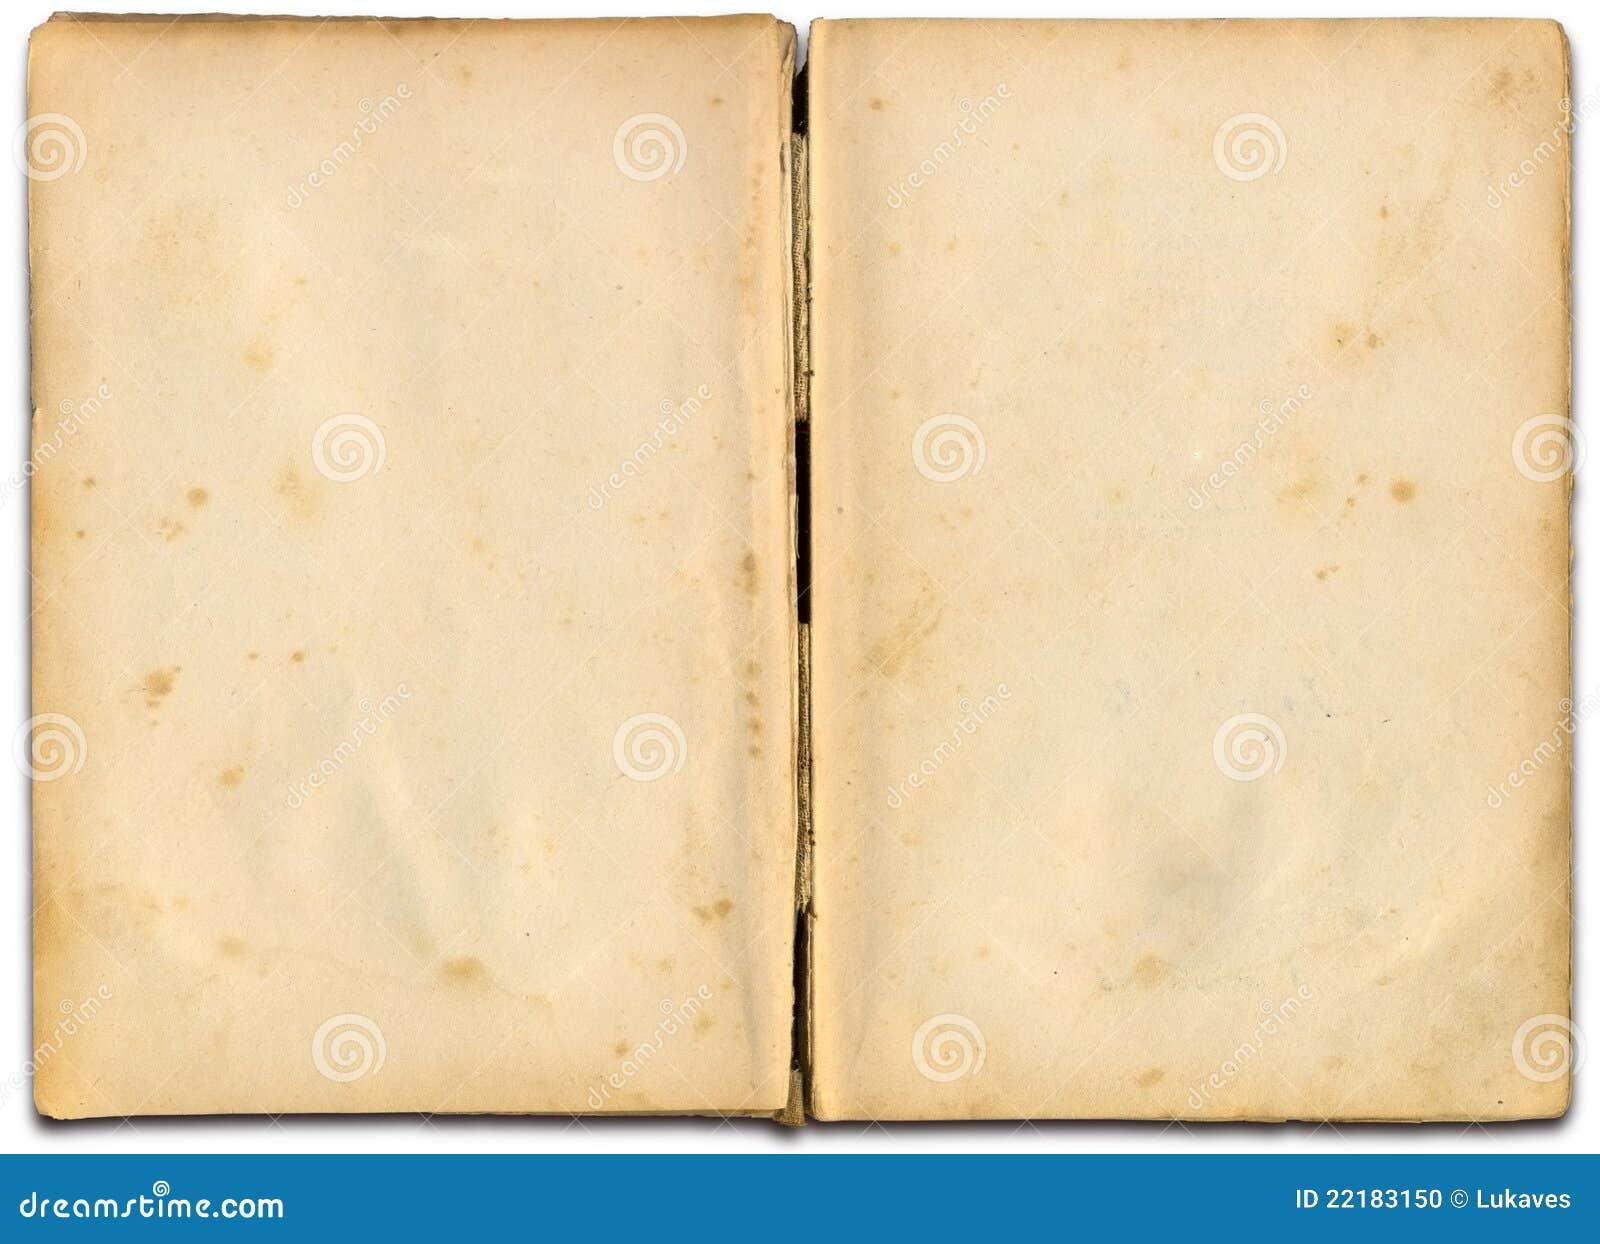 open book stock photo image of aged jaundiced border 22183150